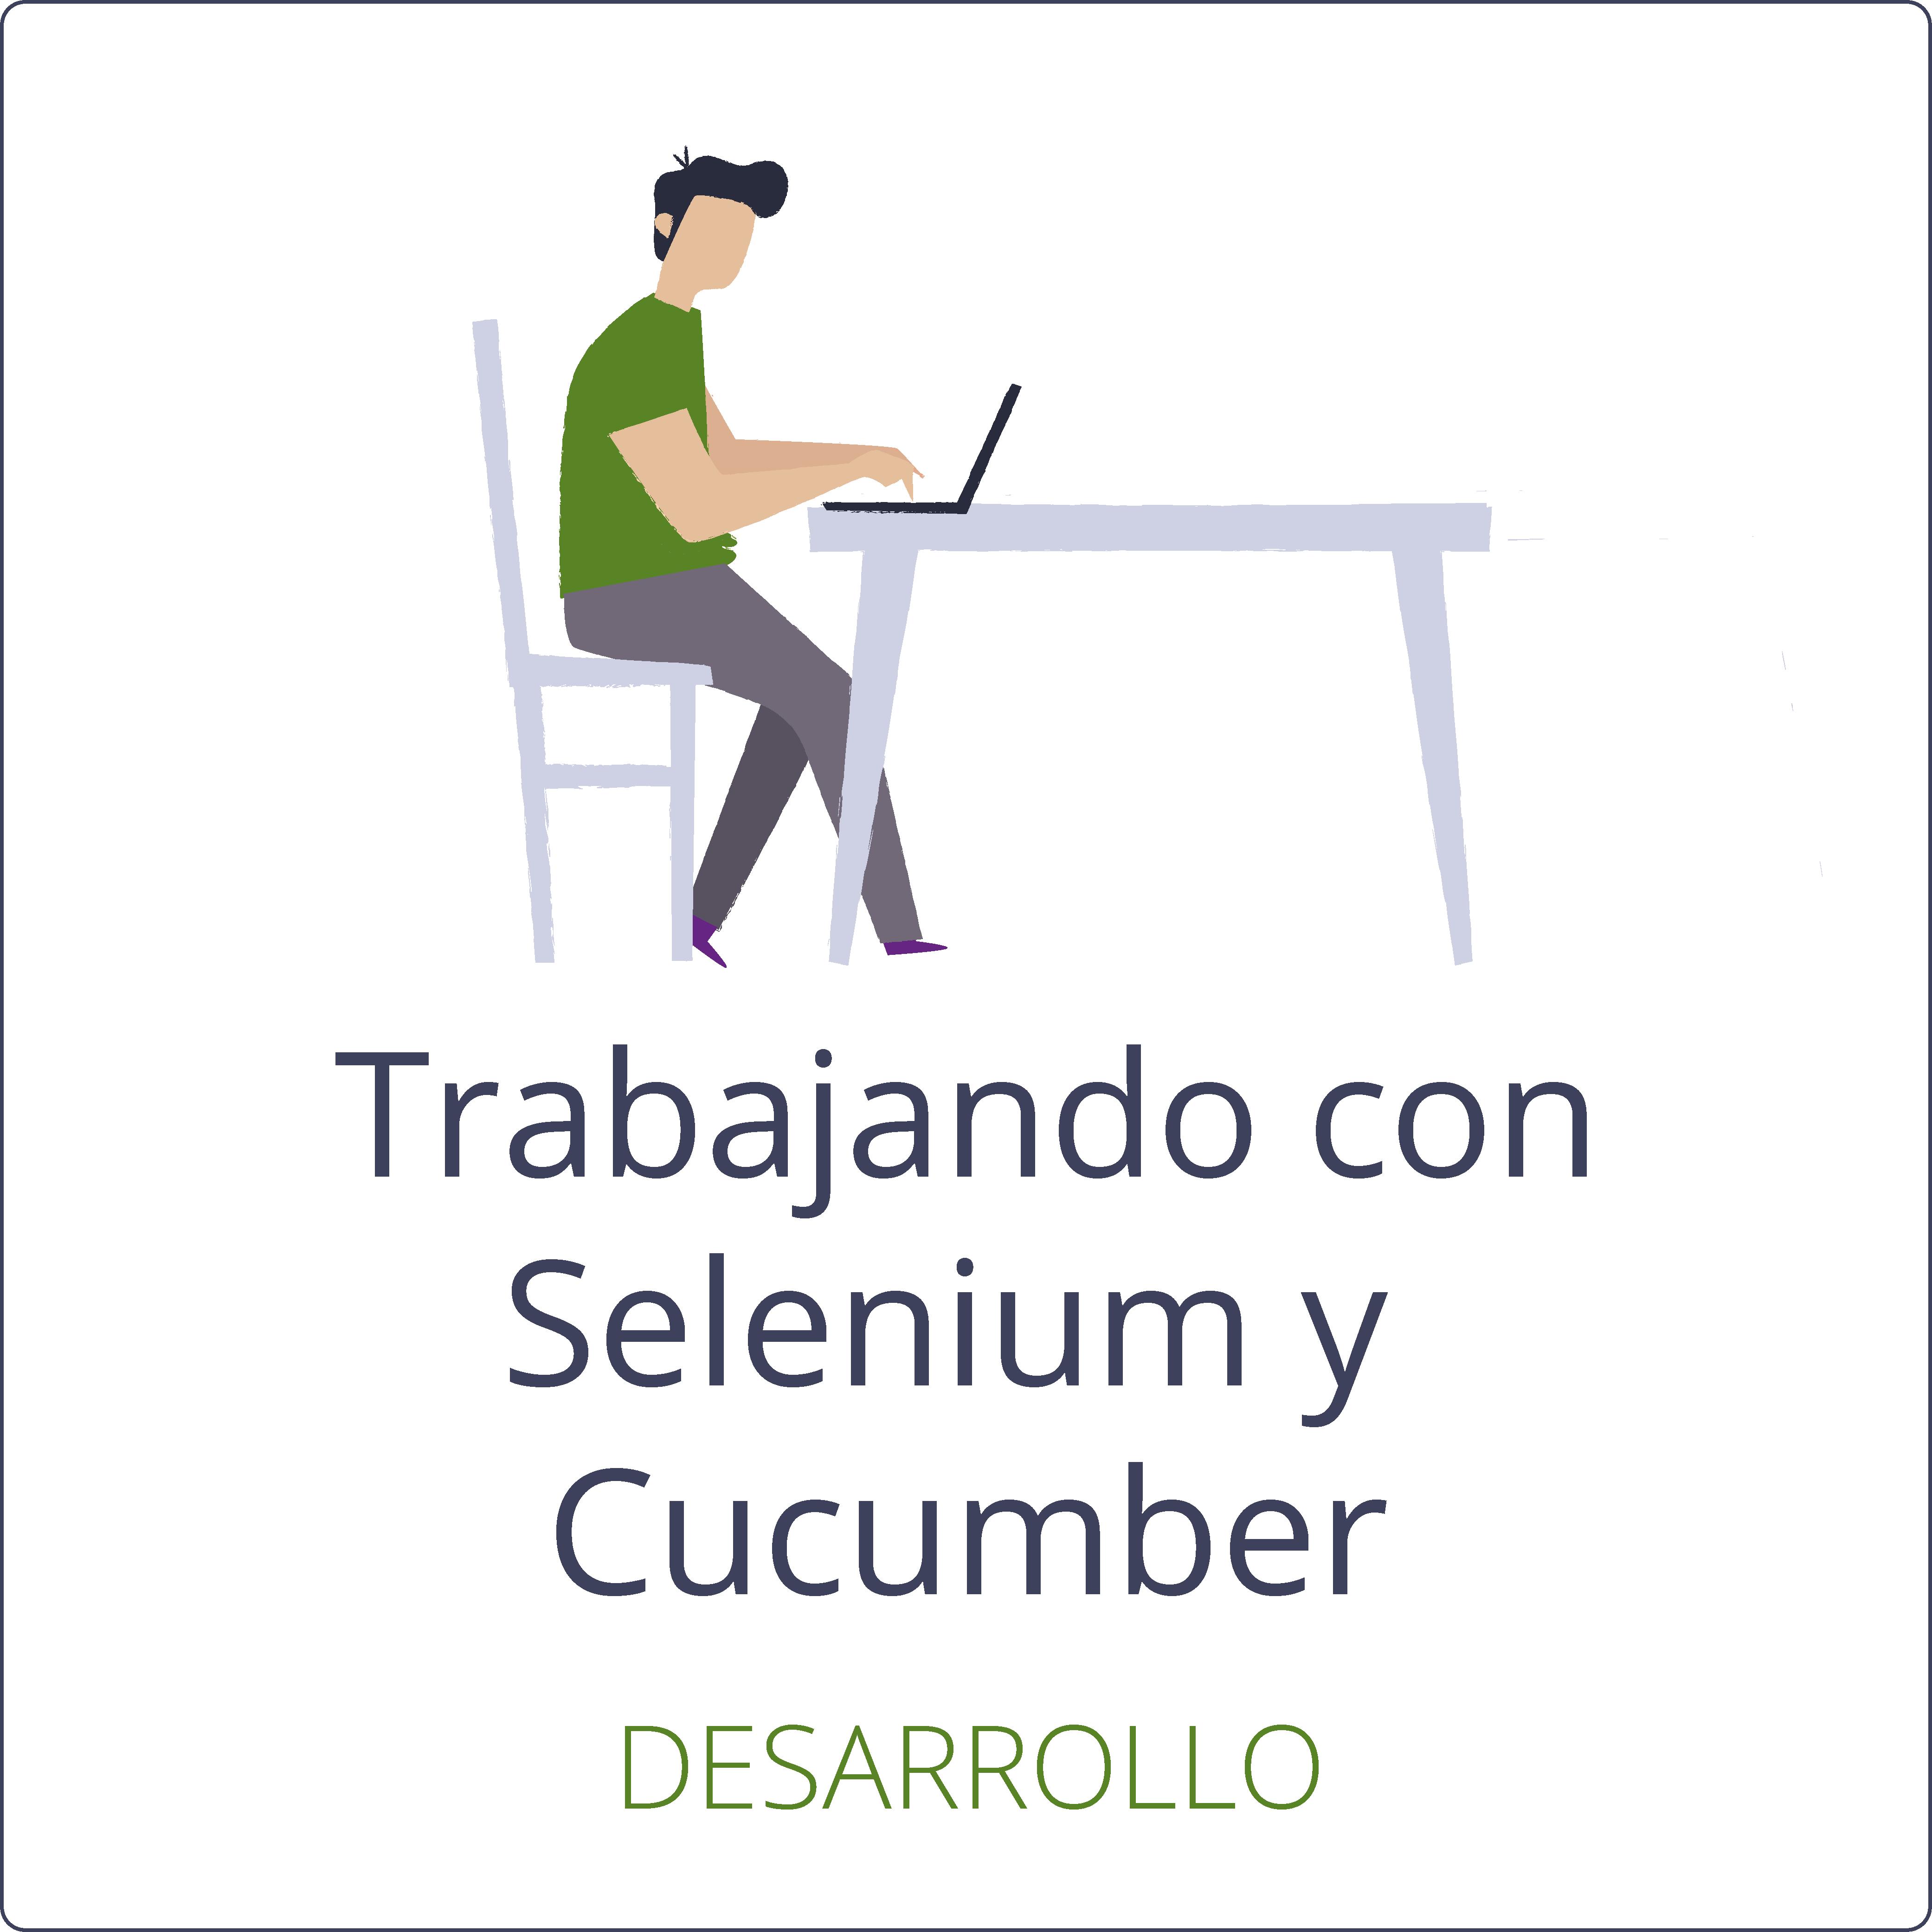 Trabajando con Selenium y Cucumber